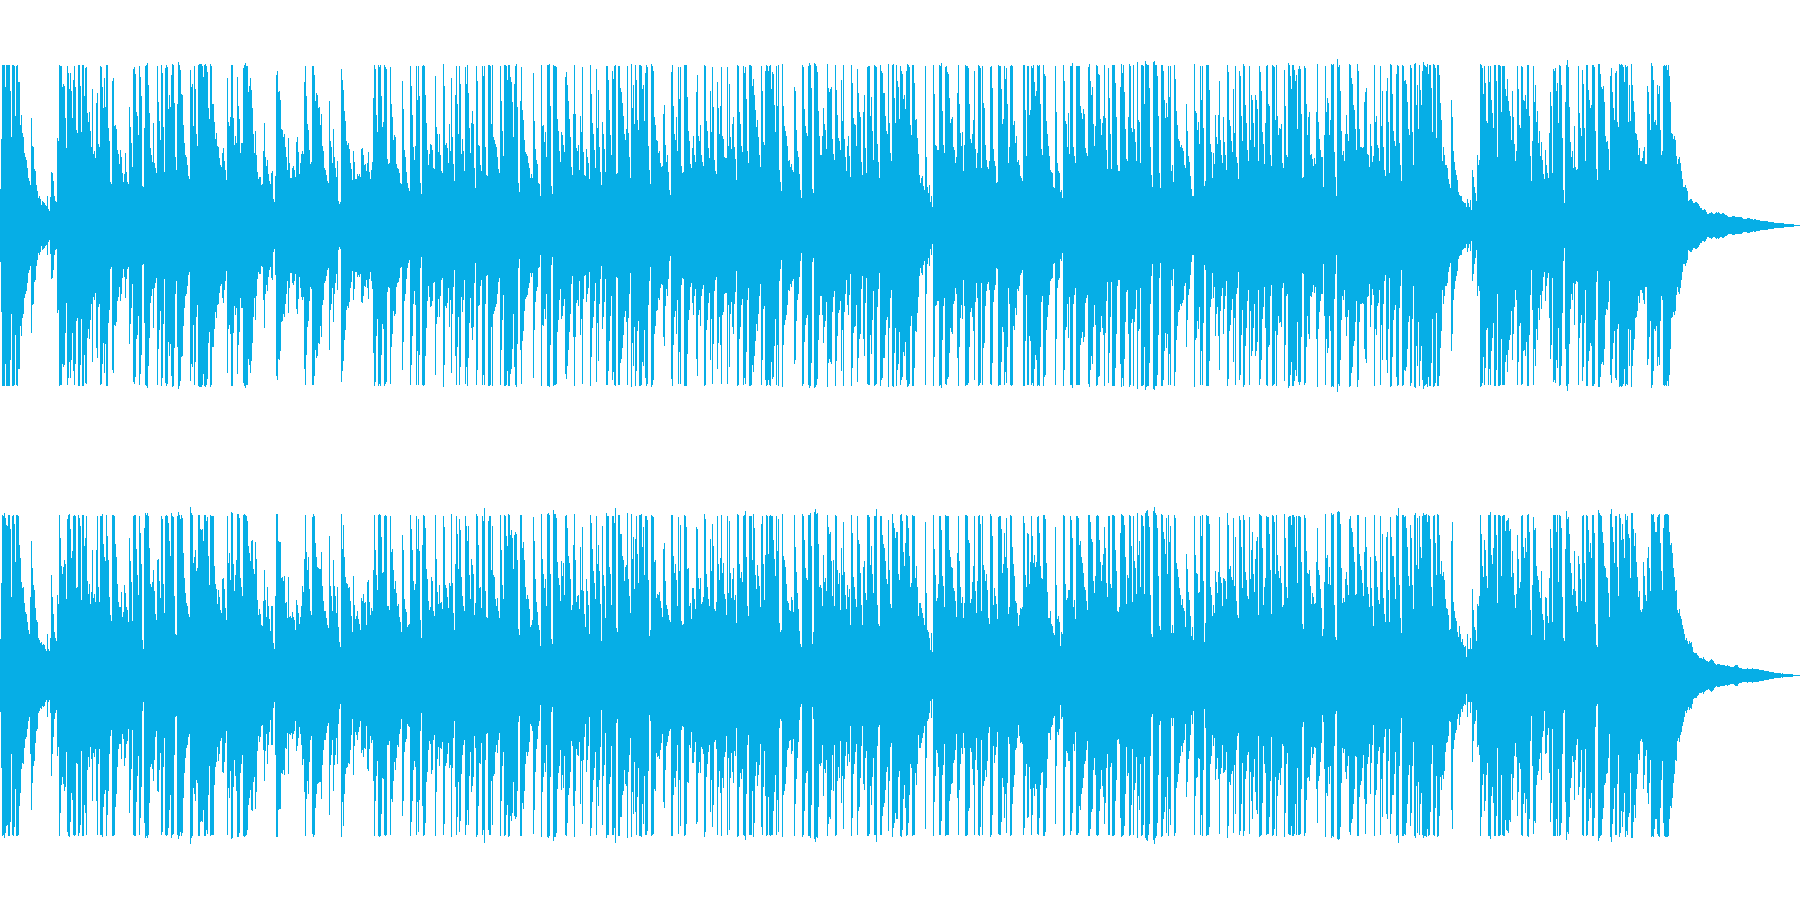 爽やかなリフレッシュギターサウンドの再生済みの波形